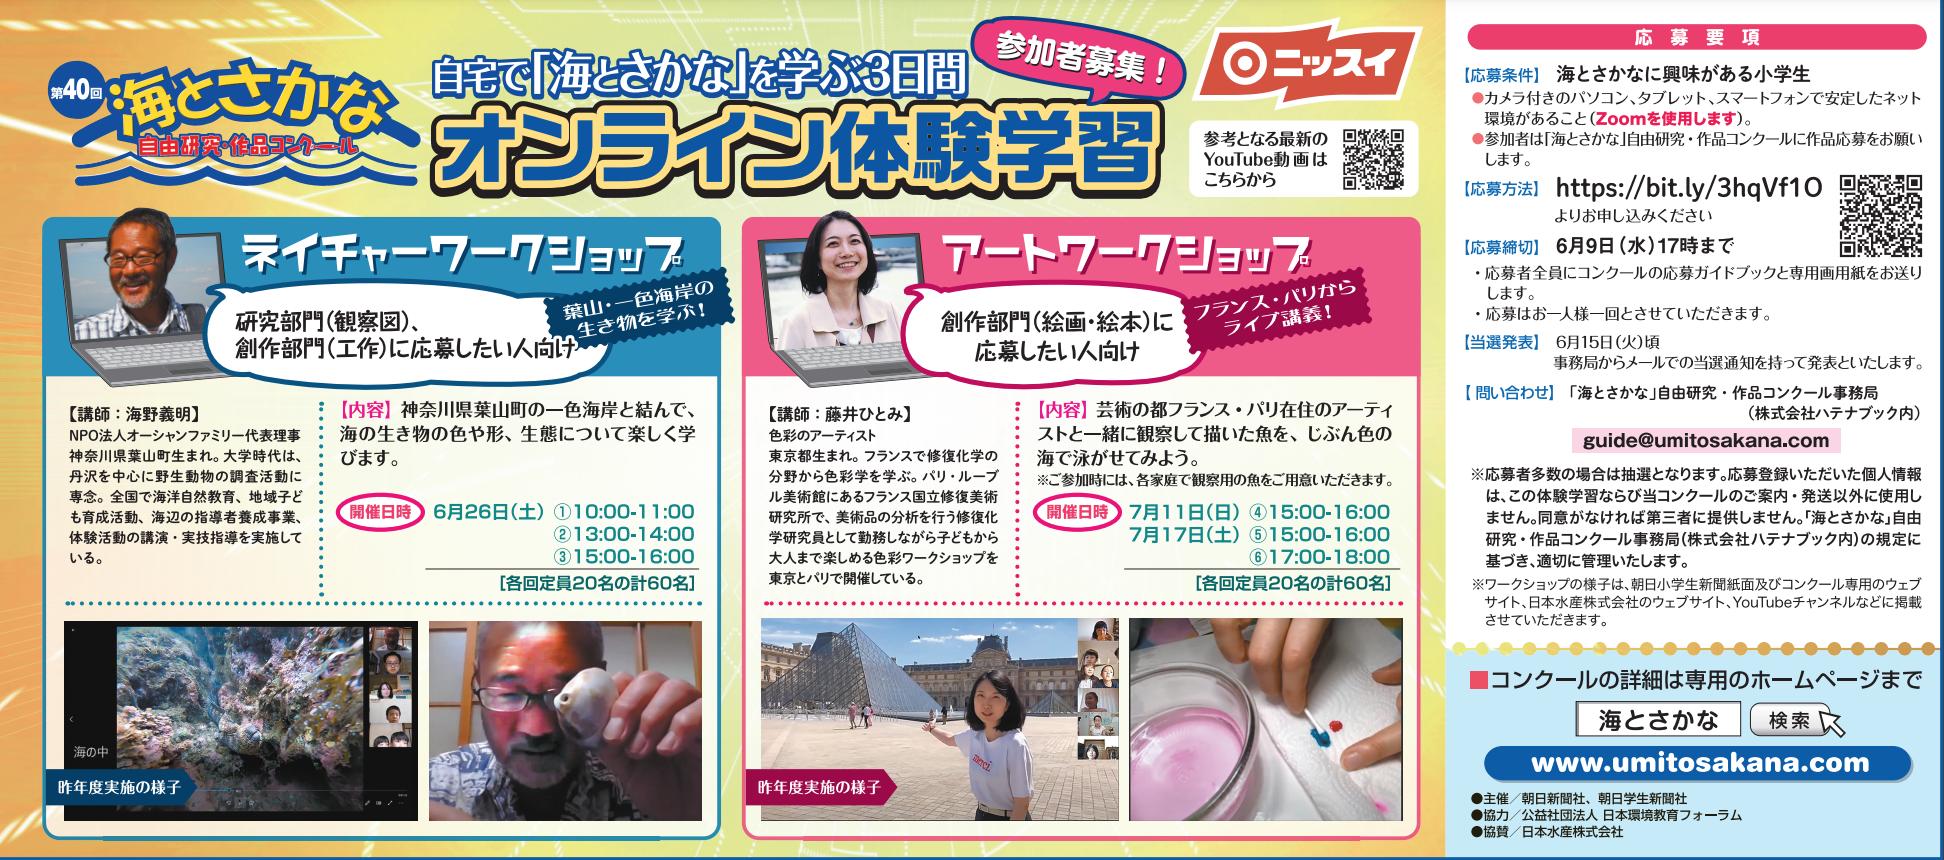 自宅で「海とさかな」を学ぶ3日間<br>オンライン体験学習」参加者募集中!